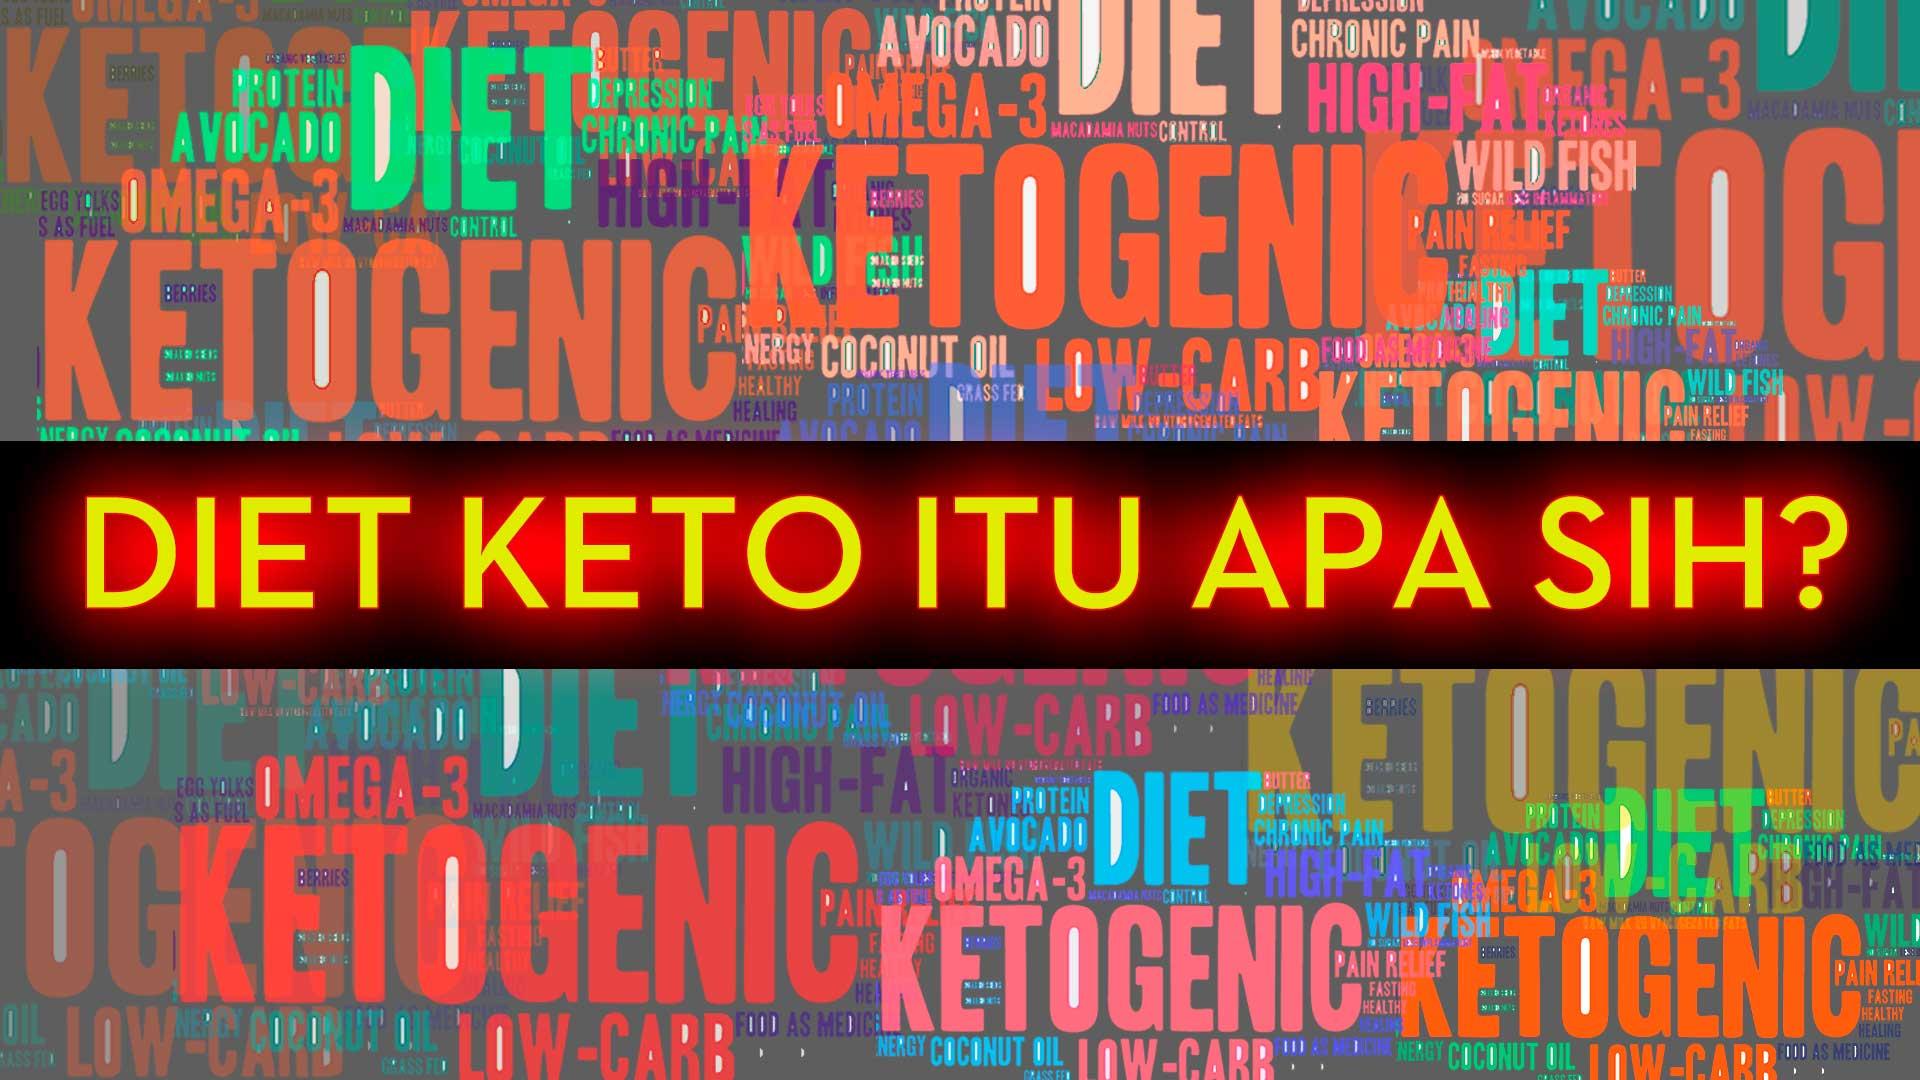 DIET-KETO-ITU-APA